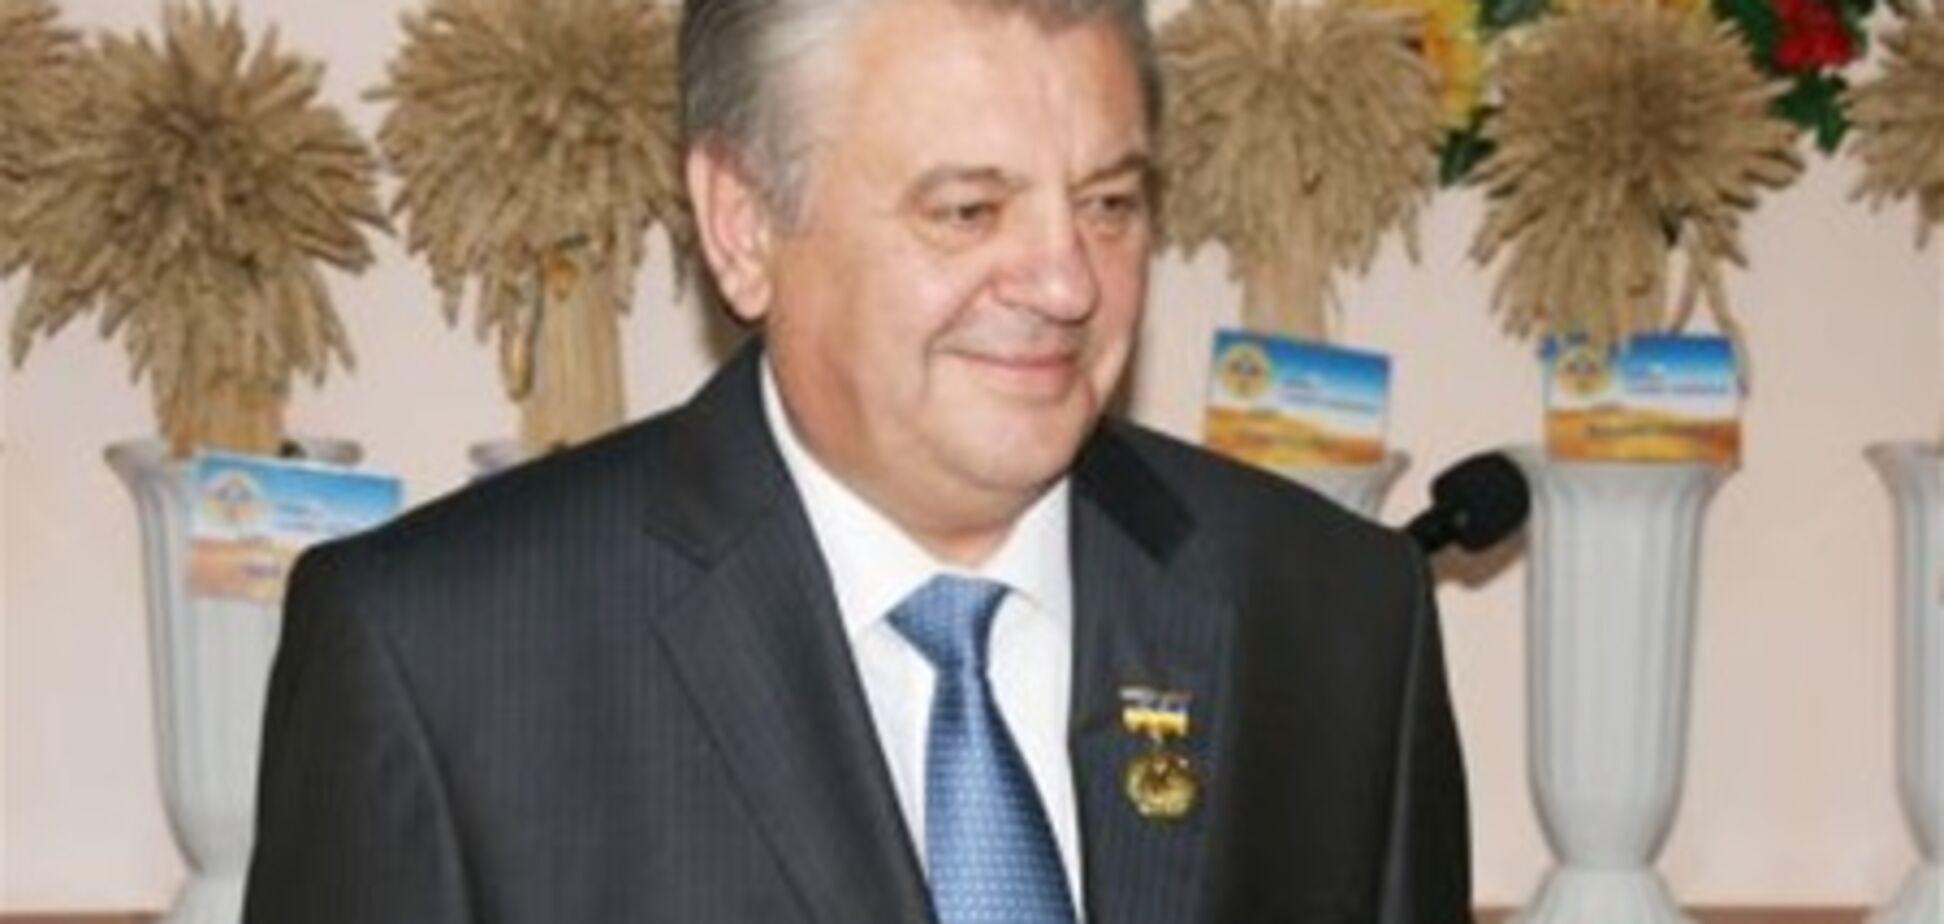 Губернатор Тернопольщины грозит судом за обвинения в смертельном ДТП